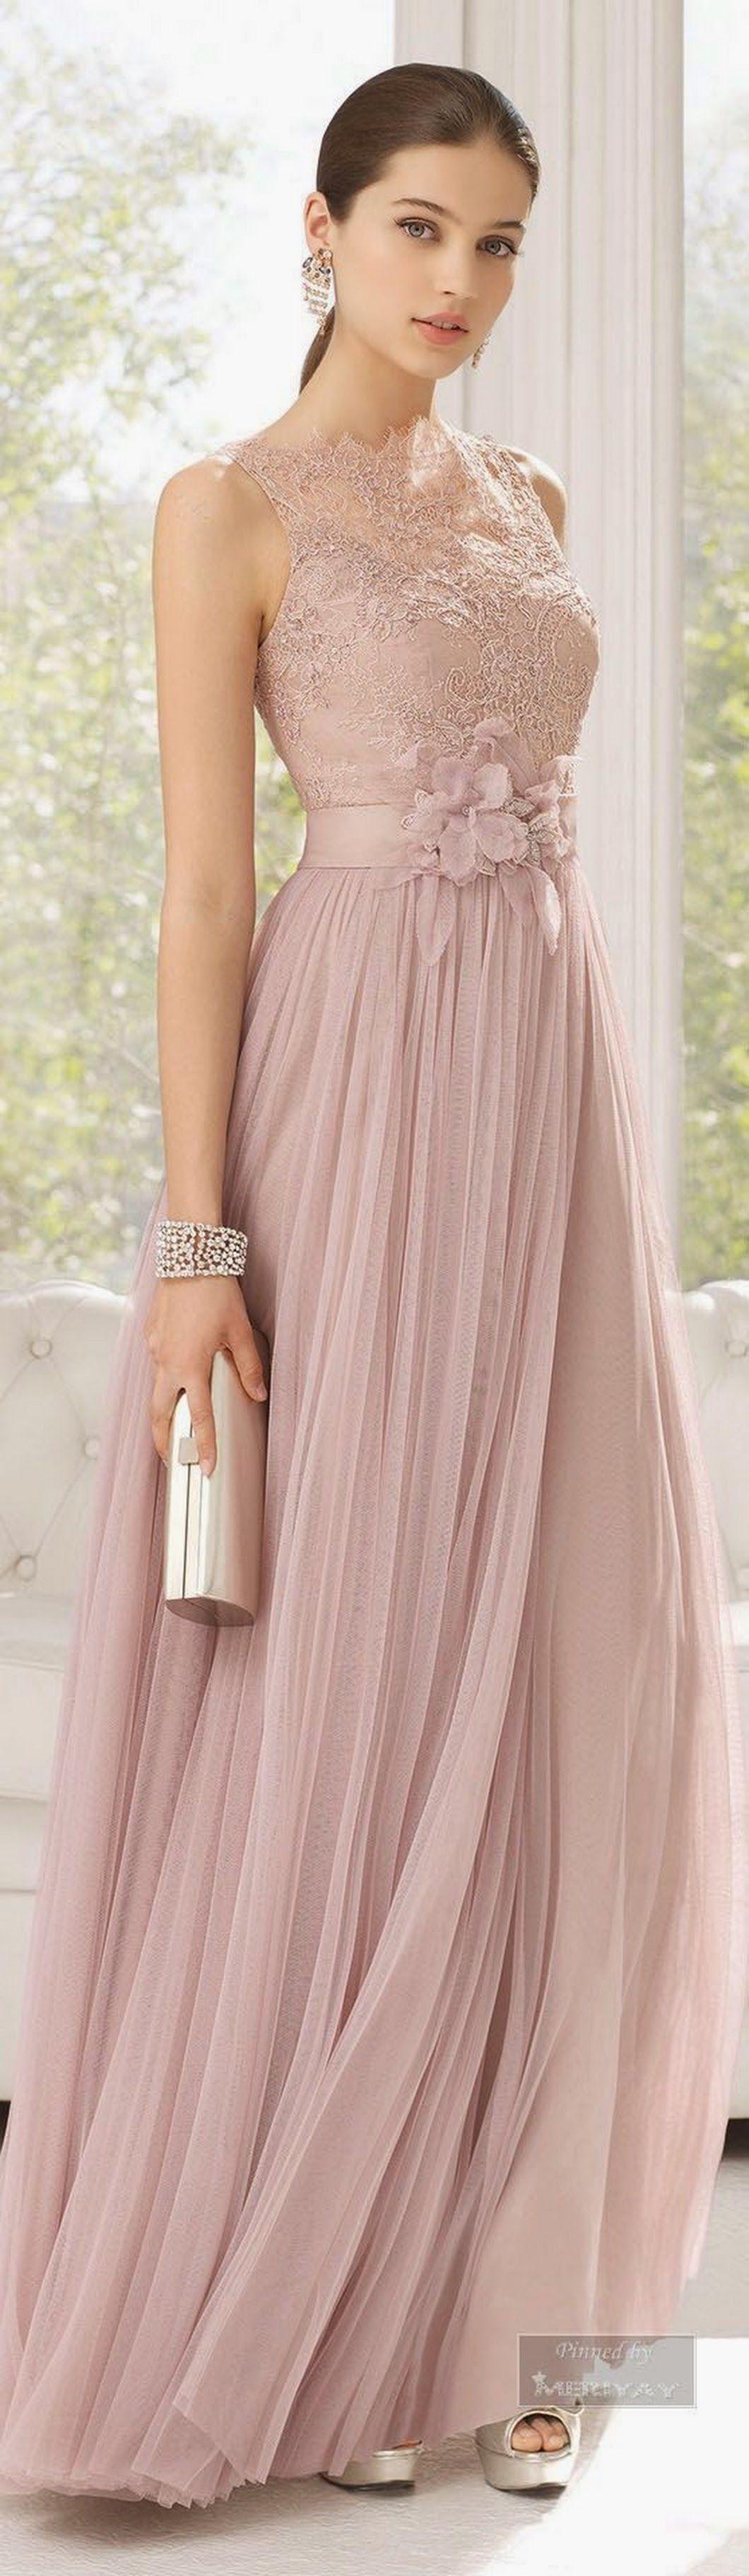 Pin de Mone en robes pour mariage | Pinterest | Traje y Vestiditos